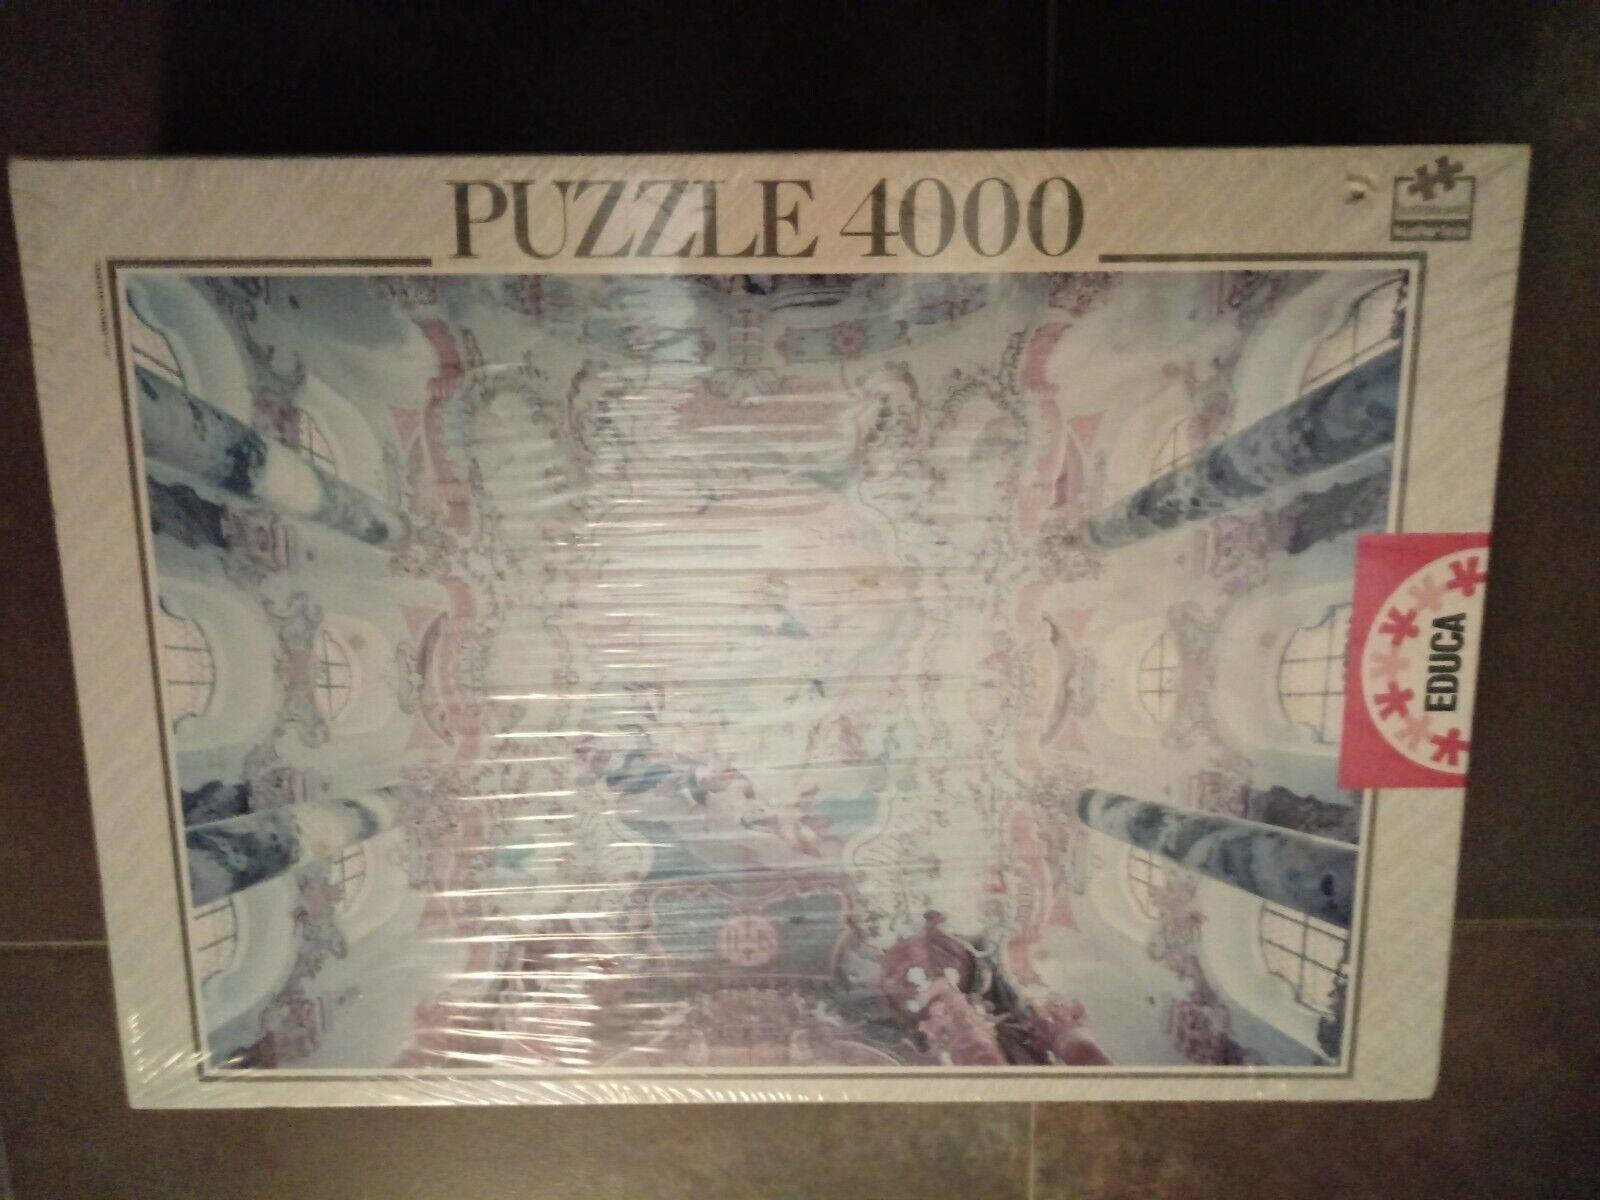 PUZZLE 4000 EDUCA - LA WIESKIRCHE - NUEVO EN CAJA  136 X 96 CM  marchi di moda